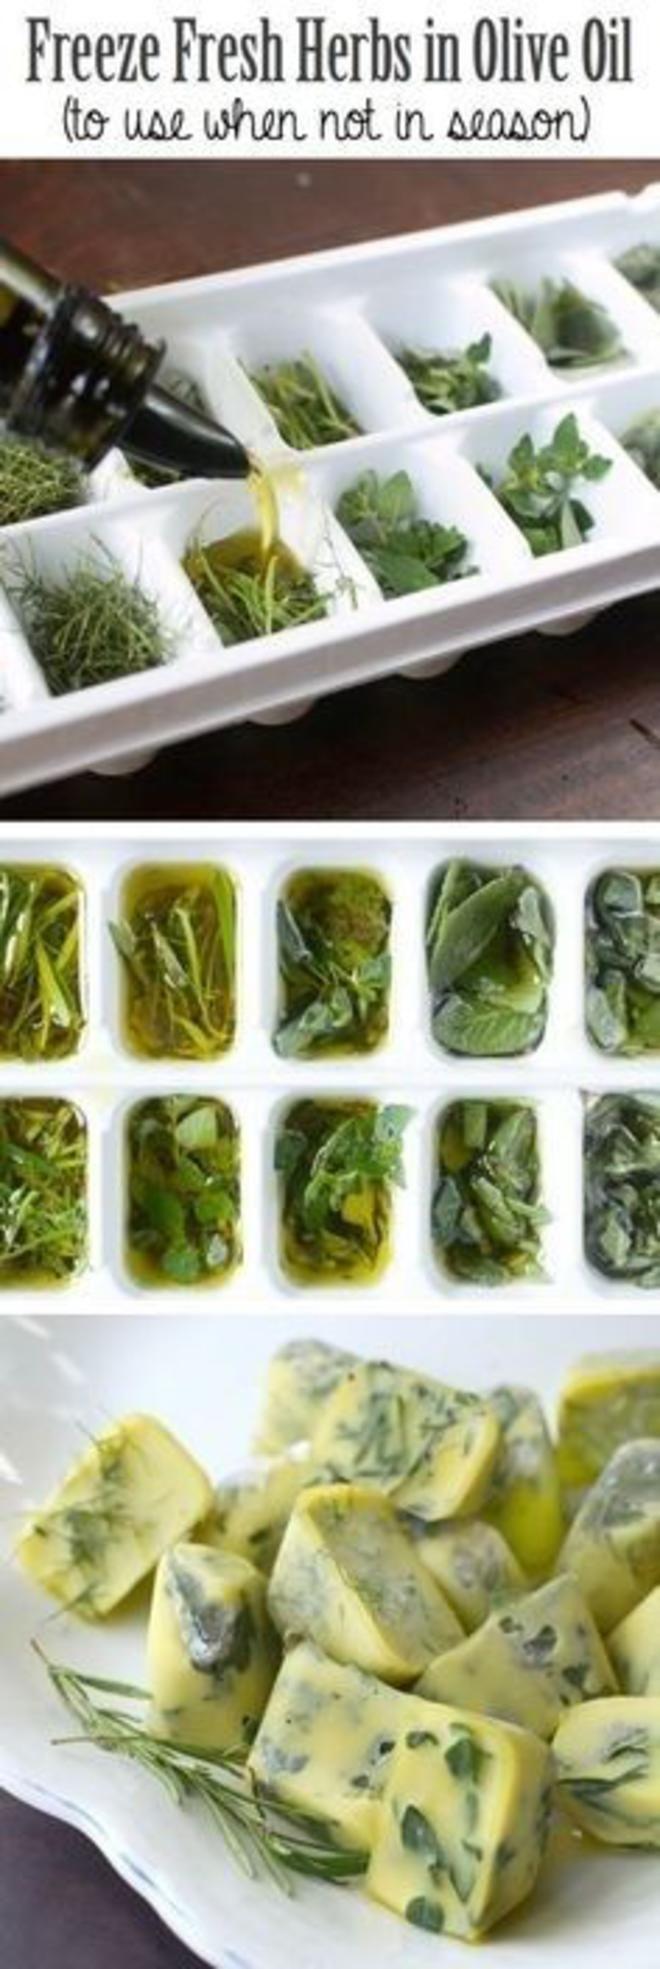 #2. Congelez des herbes fraîches dans de l'huile d'olive pour pouvoir les utiliser lorsque ce n'est plus la saison - 10 astuces cuisine (au top) qui vous faciliteront la vie !